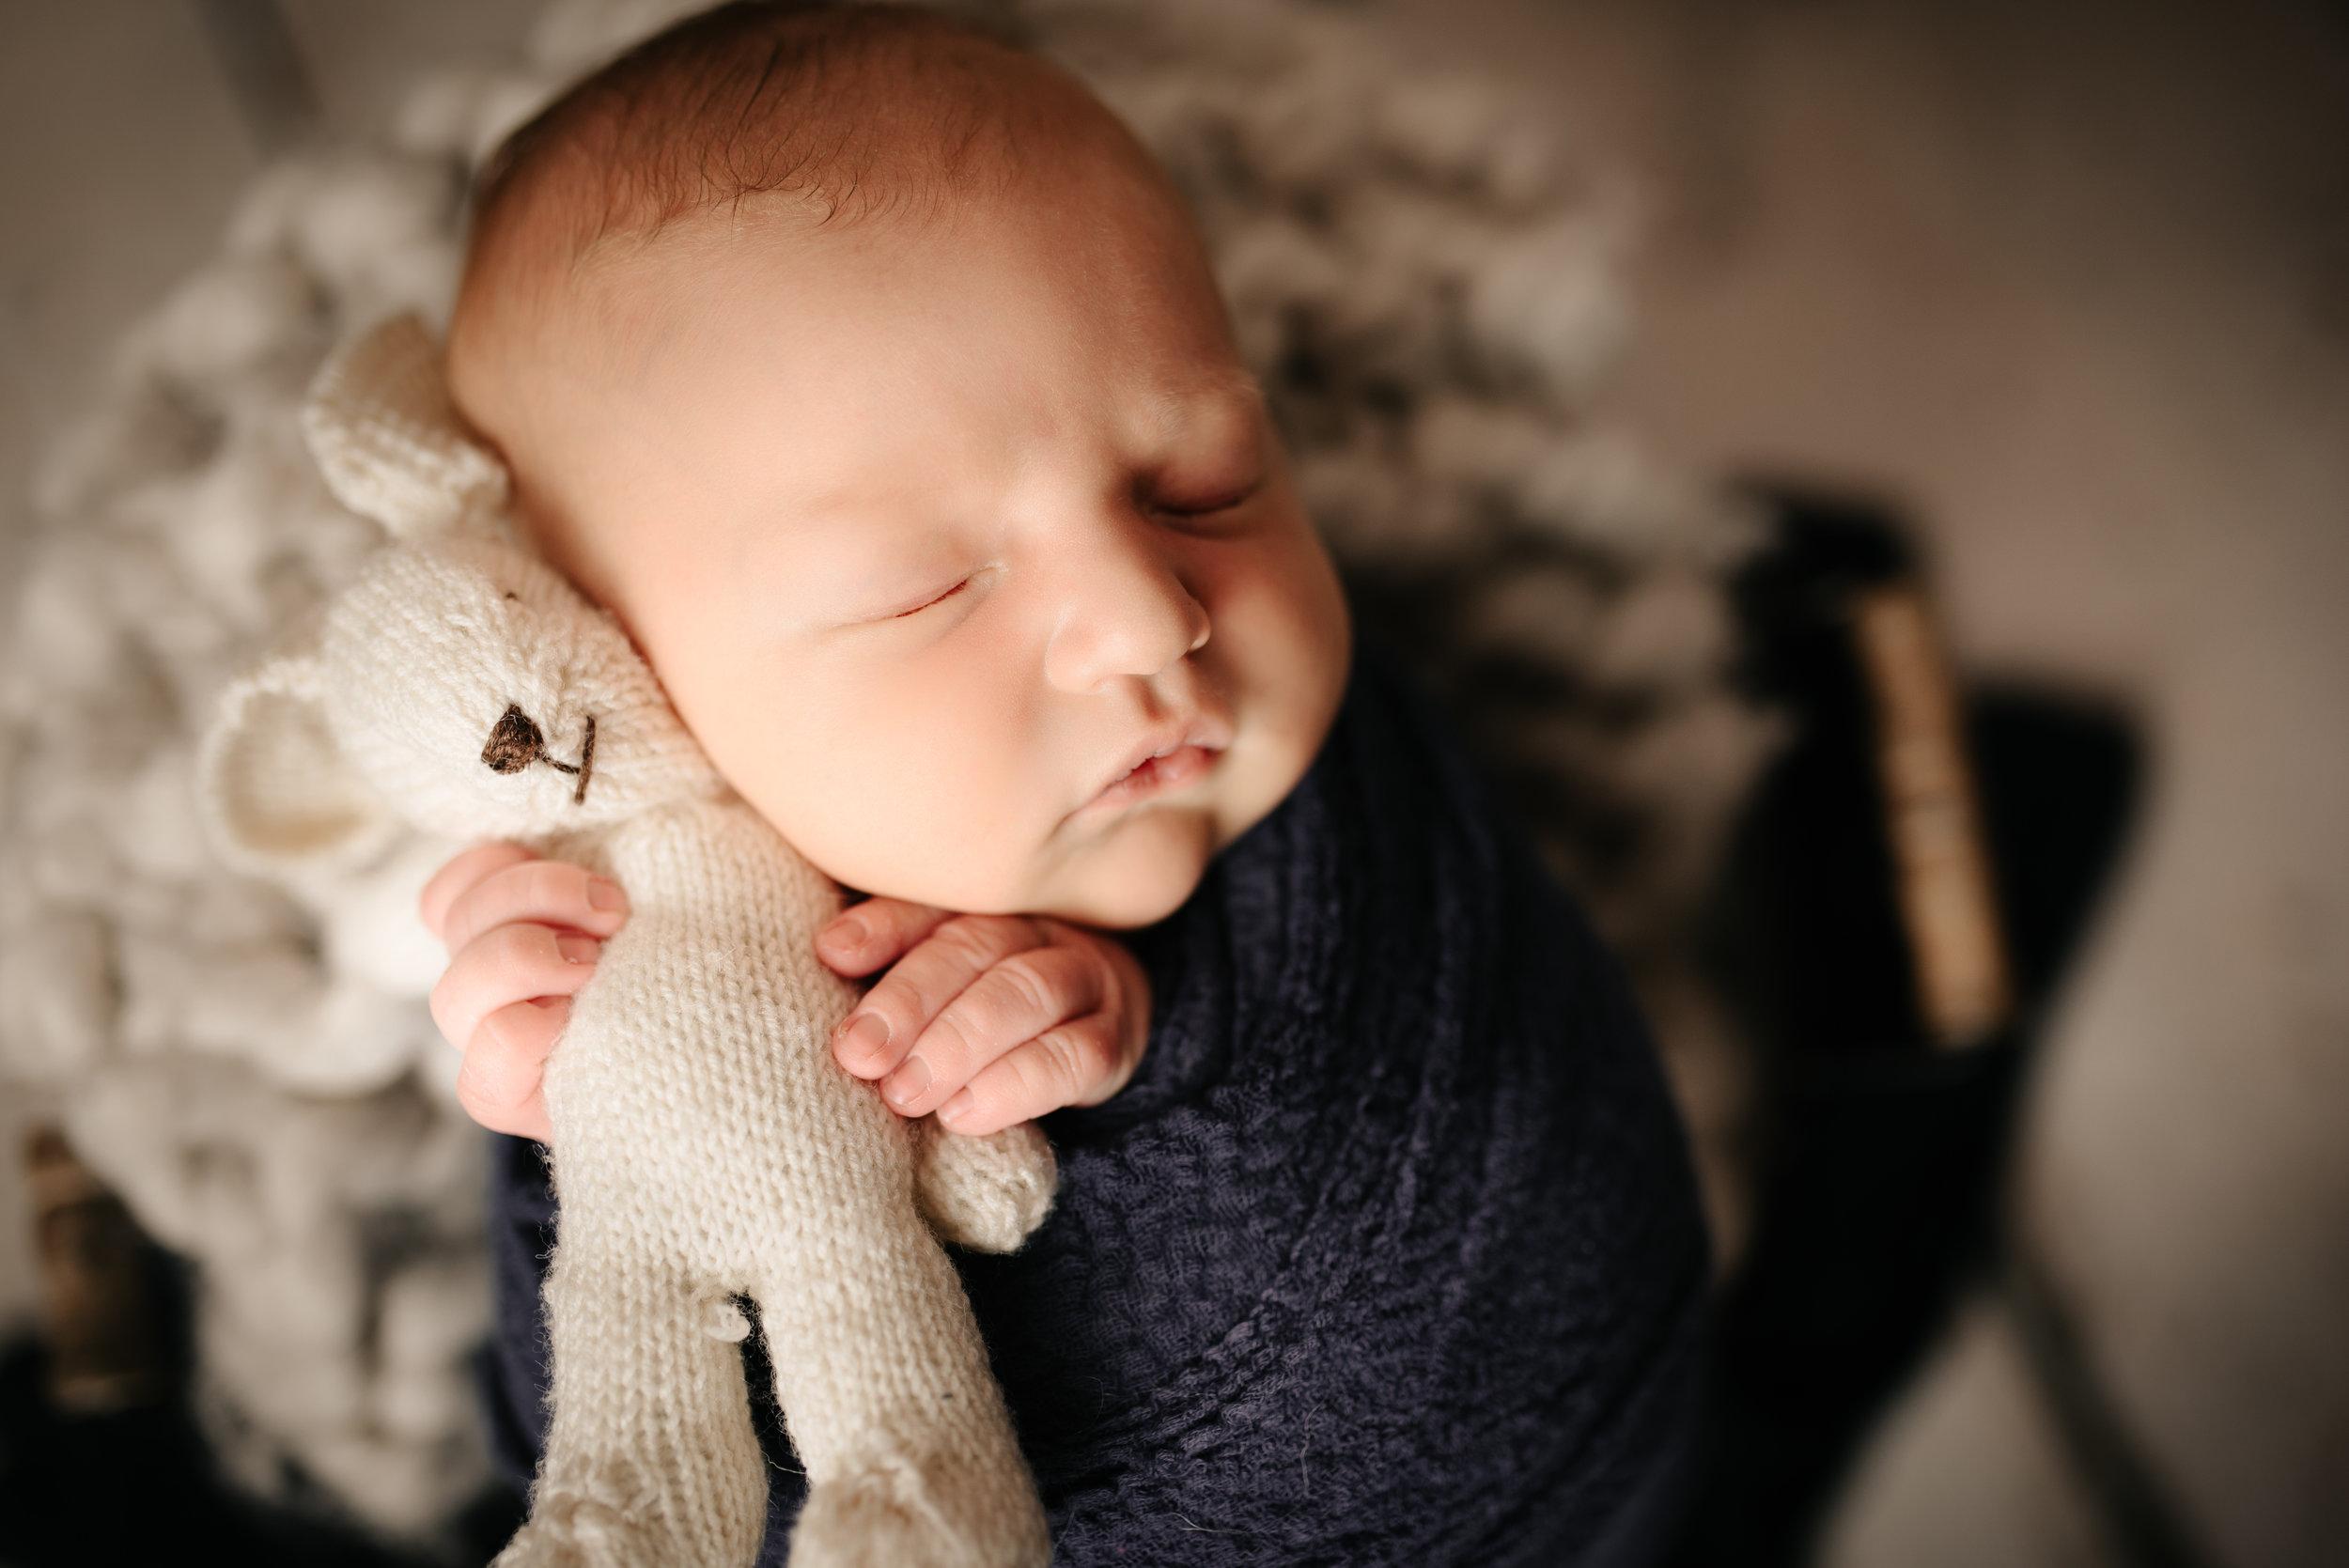 Newborn_John_13Days-3.jpg